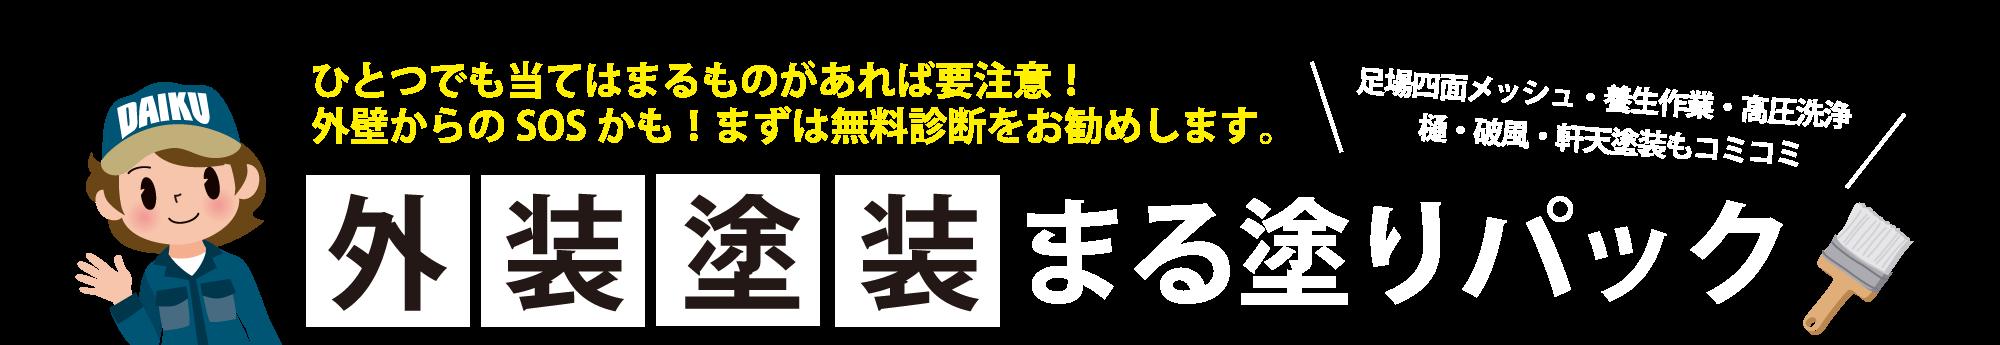 仙台のリフォーム専門店ダイク お得な外壁リフォームパック